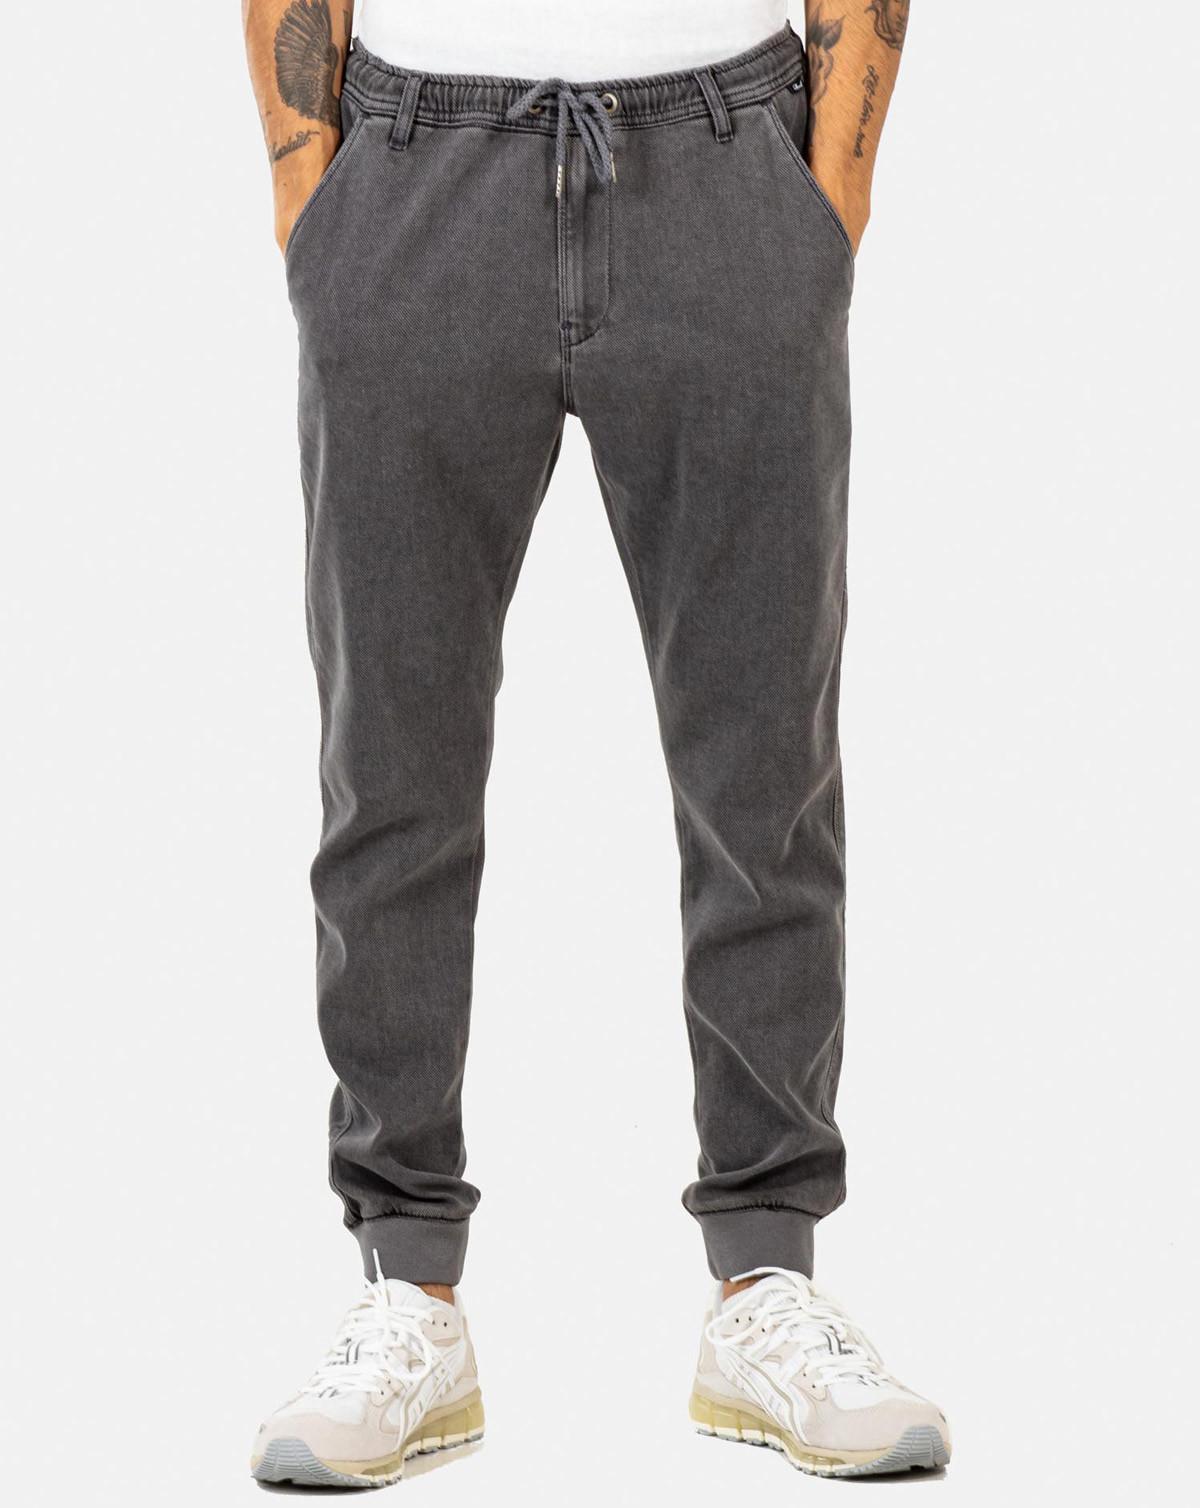 Reell Jeans Reflex Rib Pant (Dark Grey, W34 / L32)